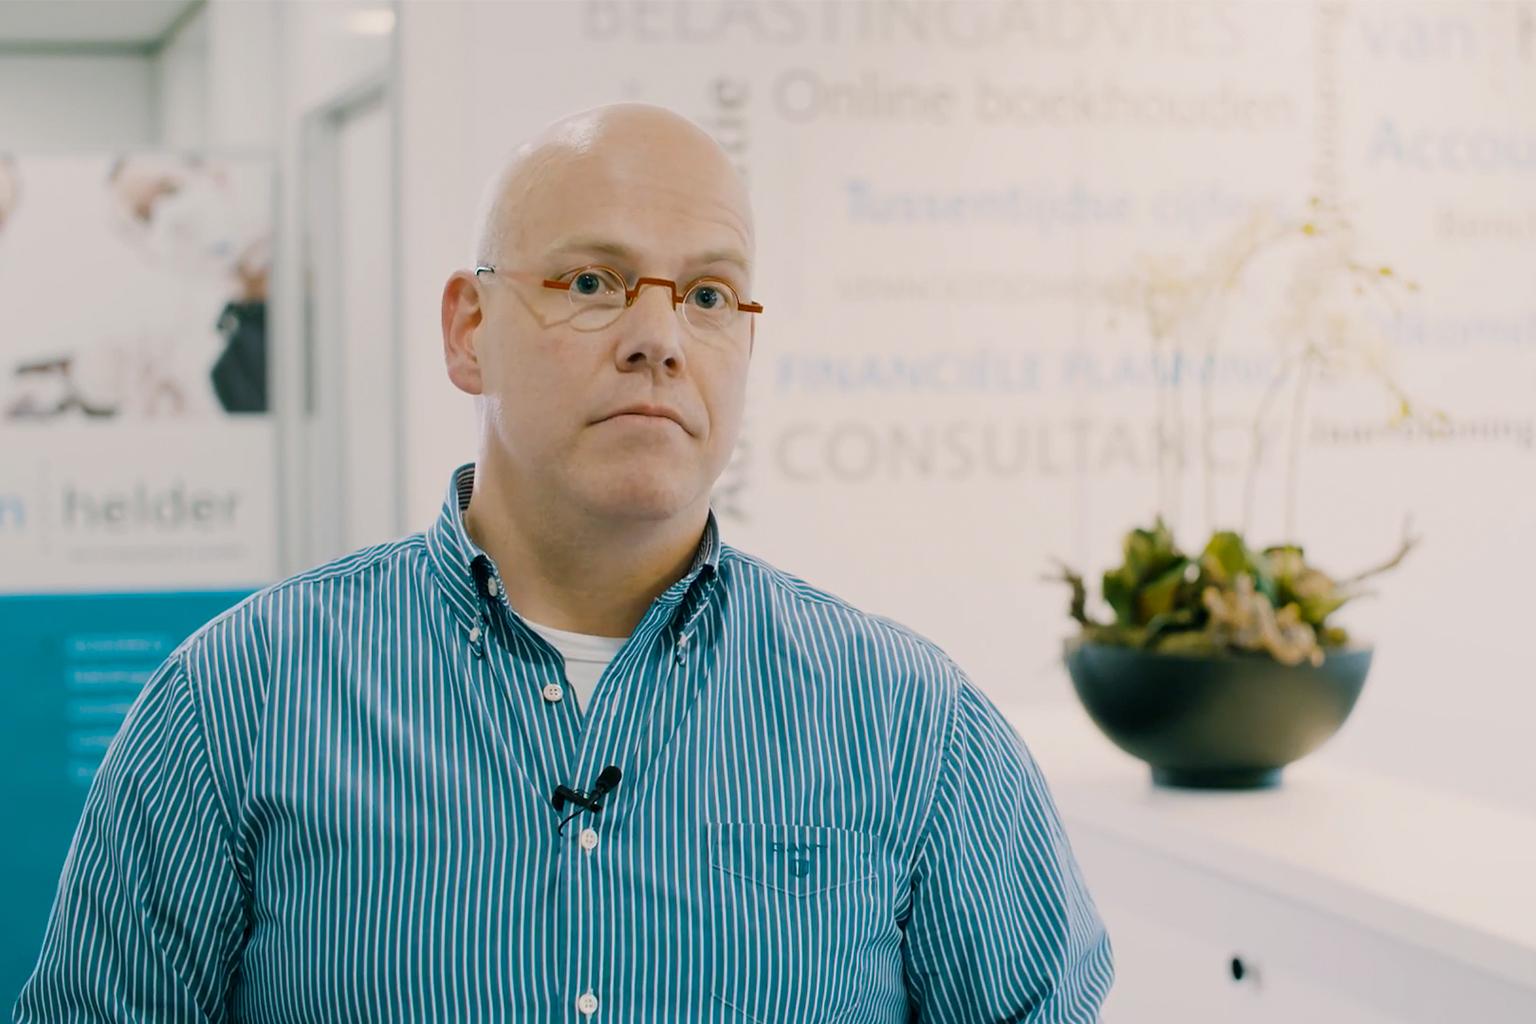 Thumbnail van testimonial van Helder Accountants klant Twinfield Boekhouden